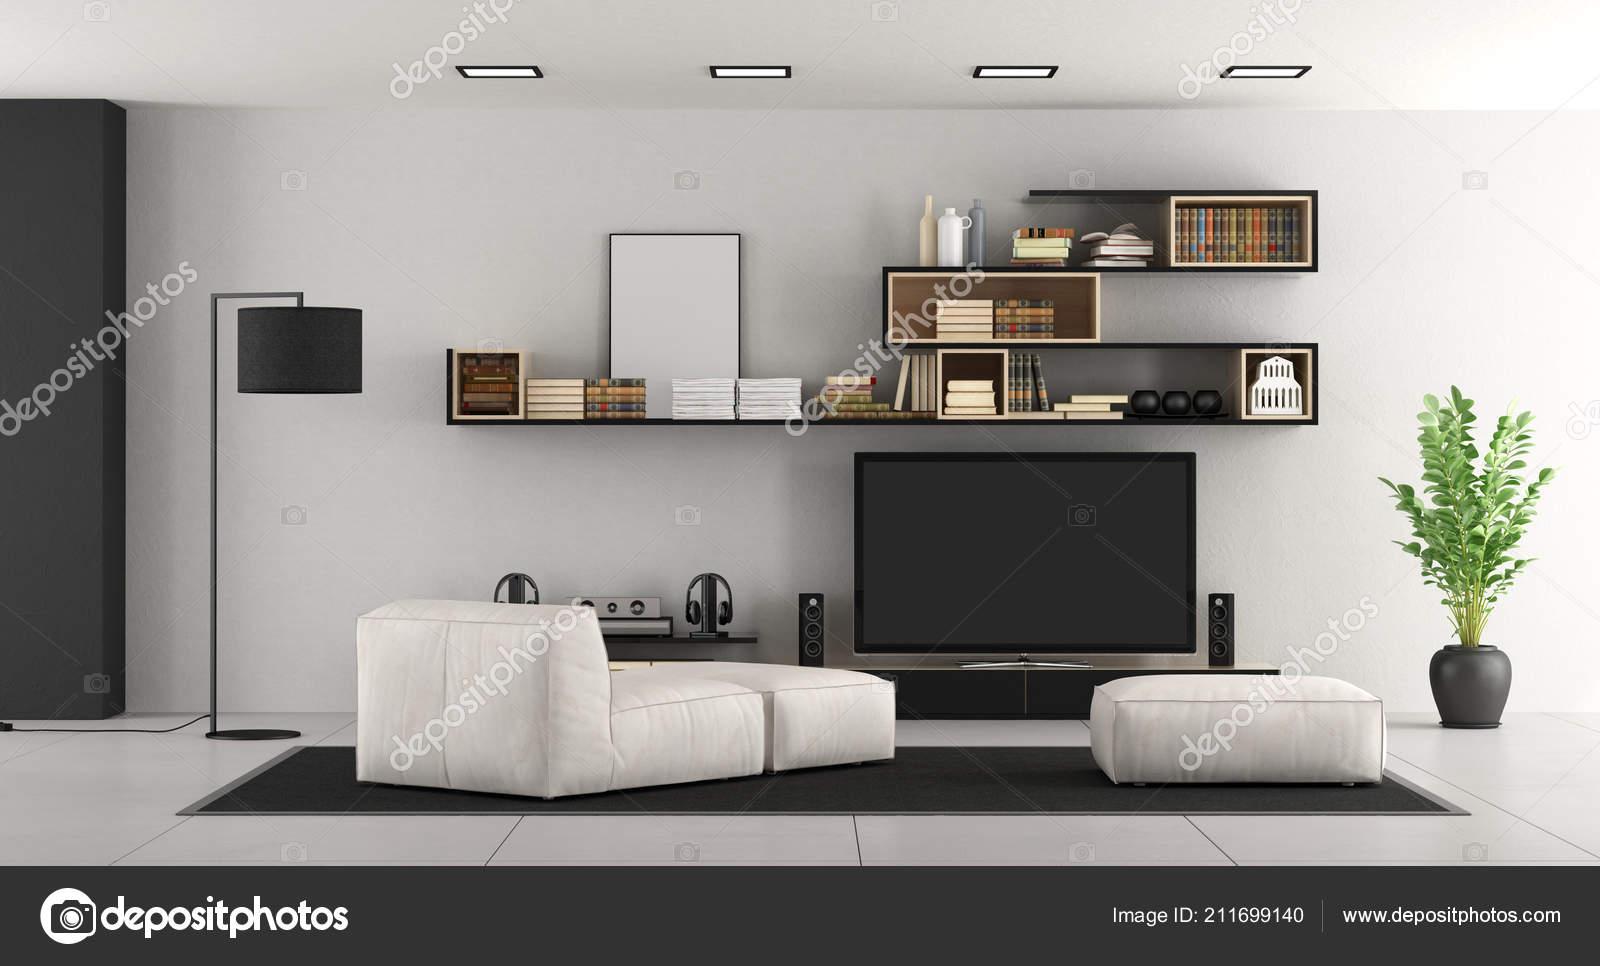 Woonkamer Met Boekenkast : Wit woonkamer met boekenkast chaise lounge footsttol set rendering